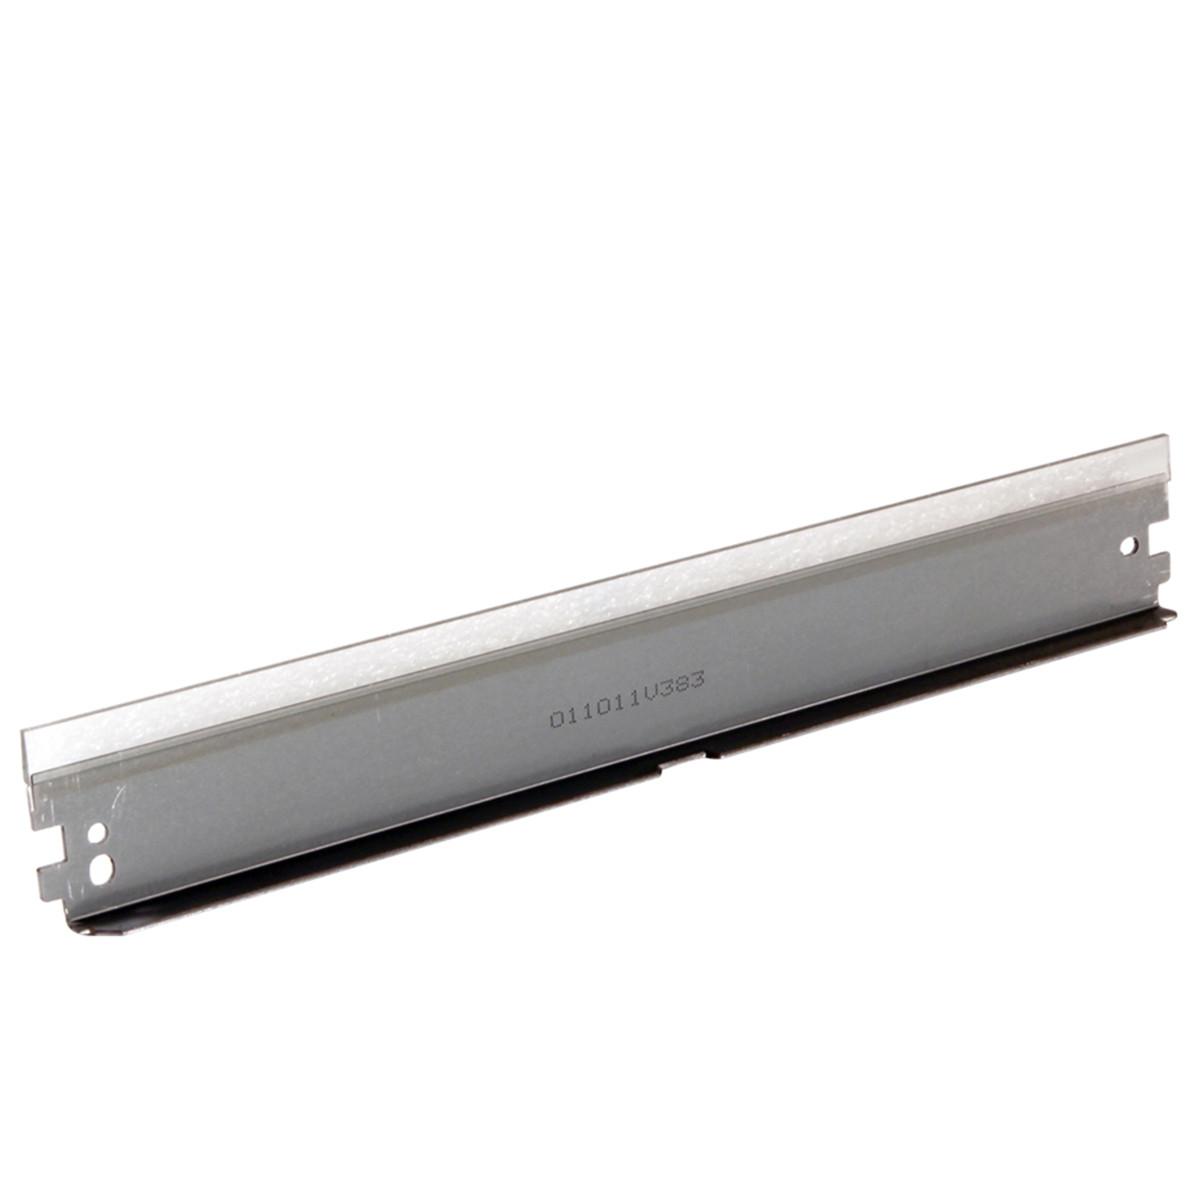 Lâmina de Limpeza ou Wiper Blade HP Q3964A   LaserJet Color 2550 2820 2830 2840 2550L 2550LN 2550N